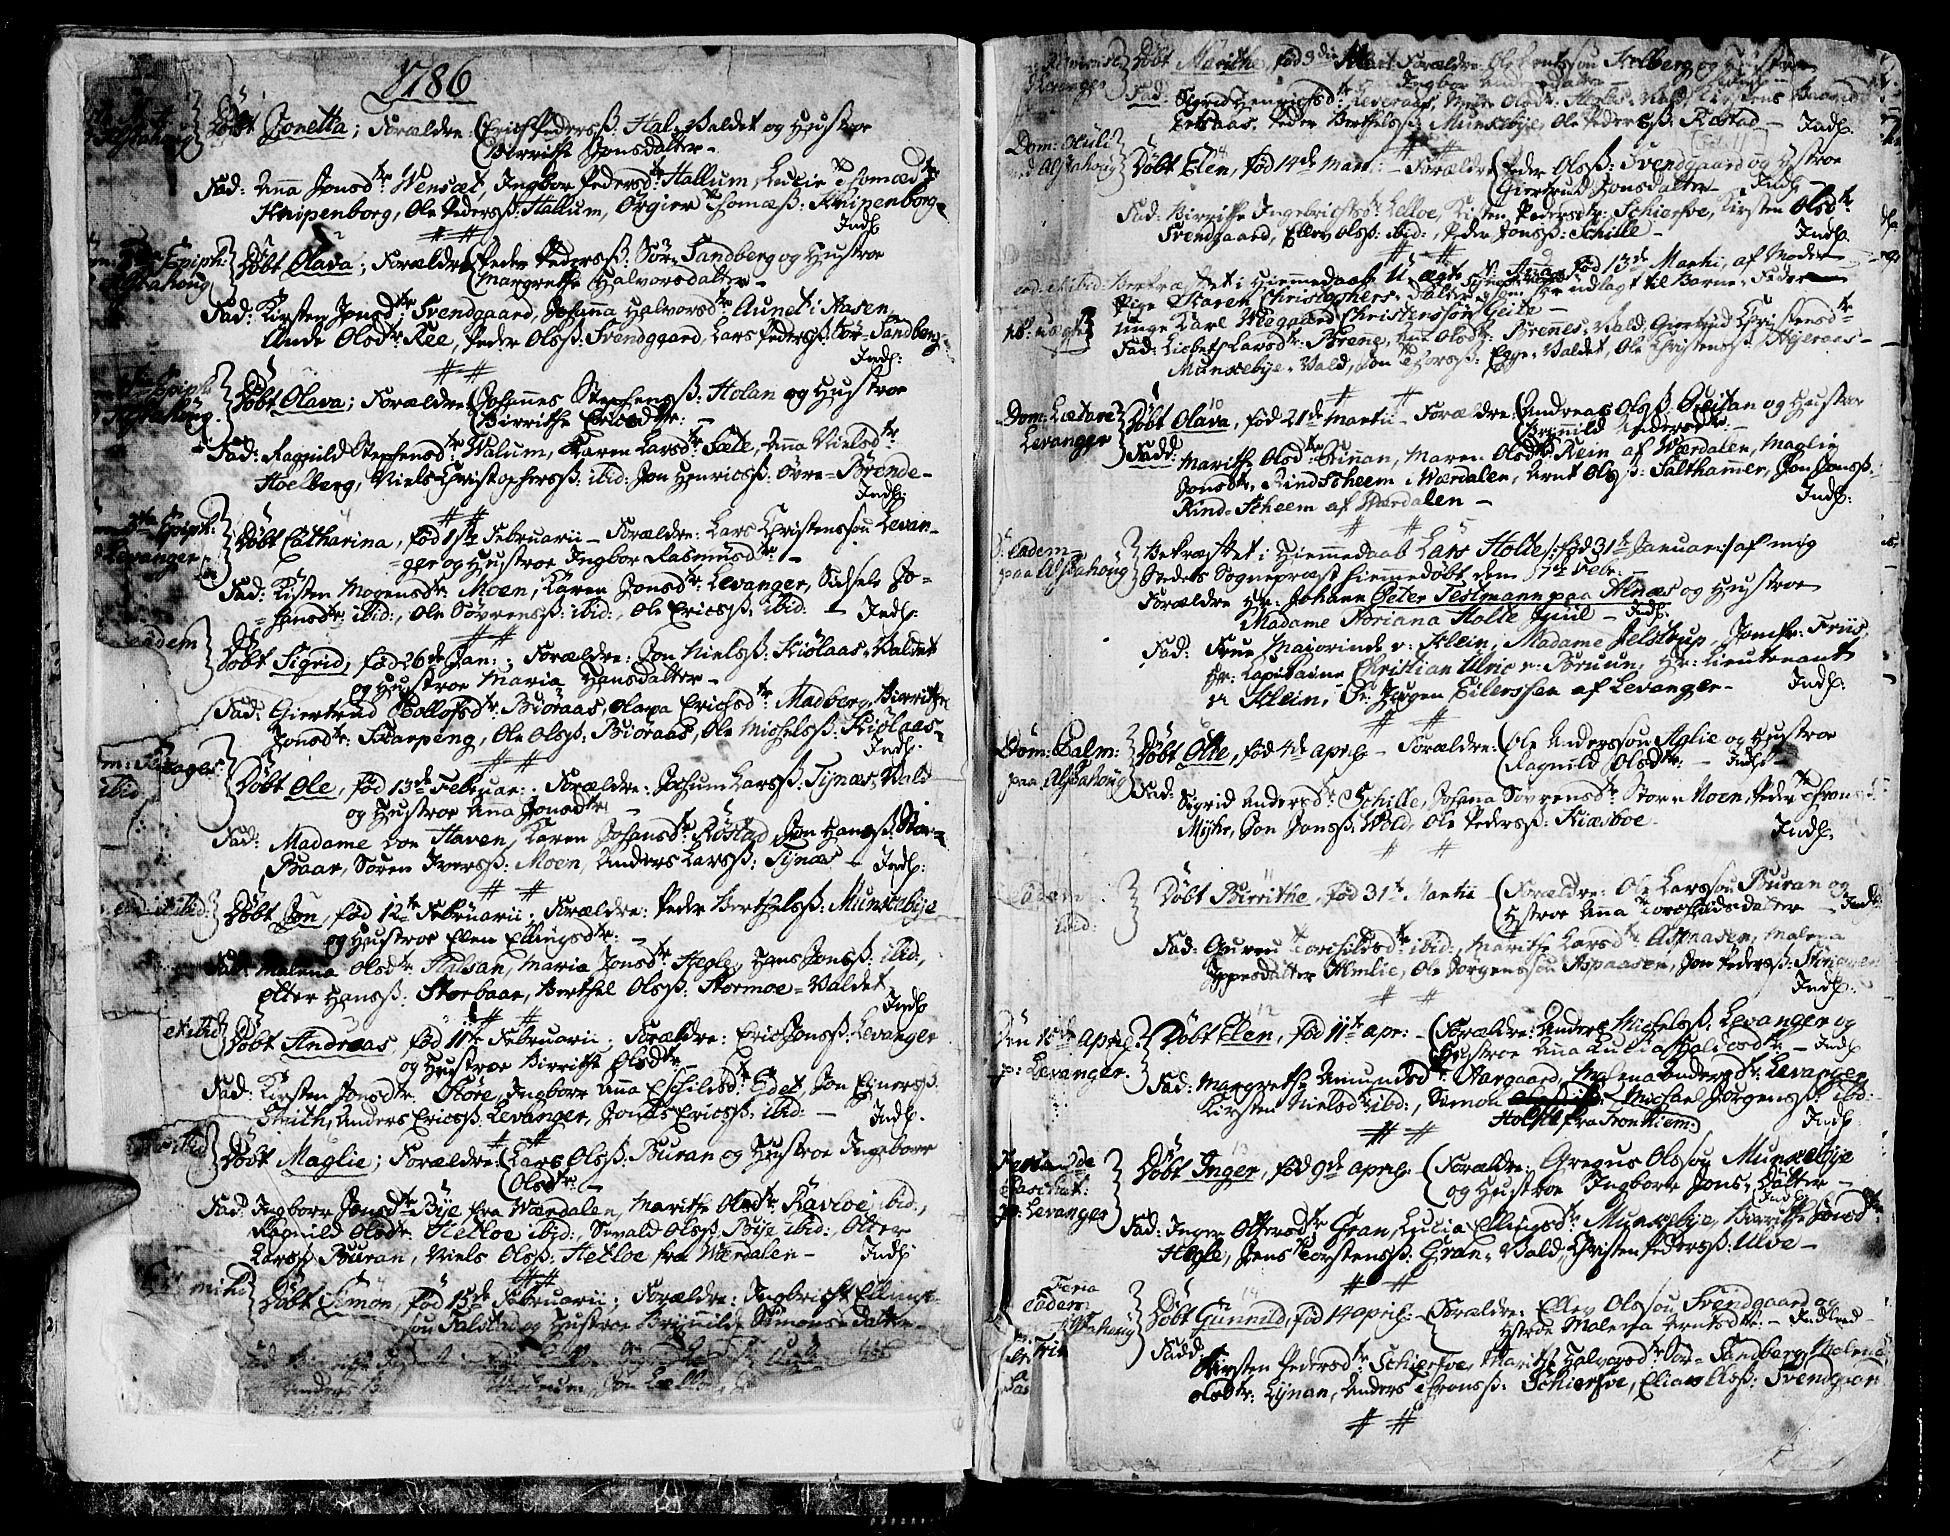 SAT, Ministerialprotokoller, klokkerbøker og fødselsregistre - Nord-Trøndelag, 717/L0142: Ministerialbok nr. 717A02 /1, 1783-1809, s. 11